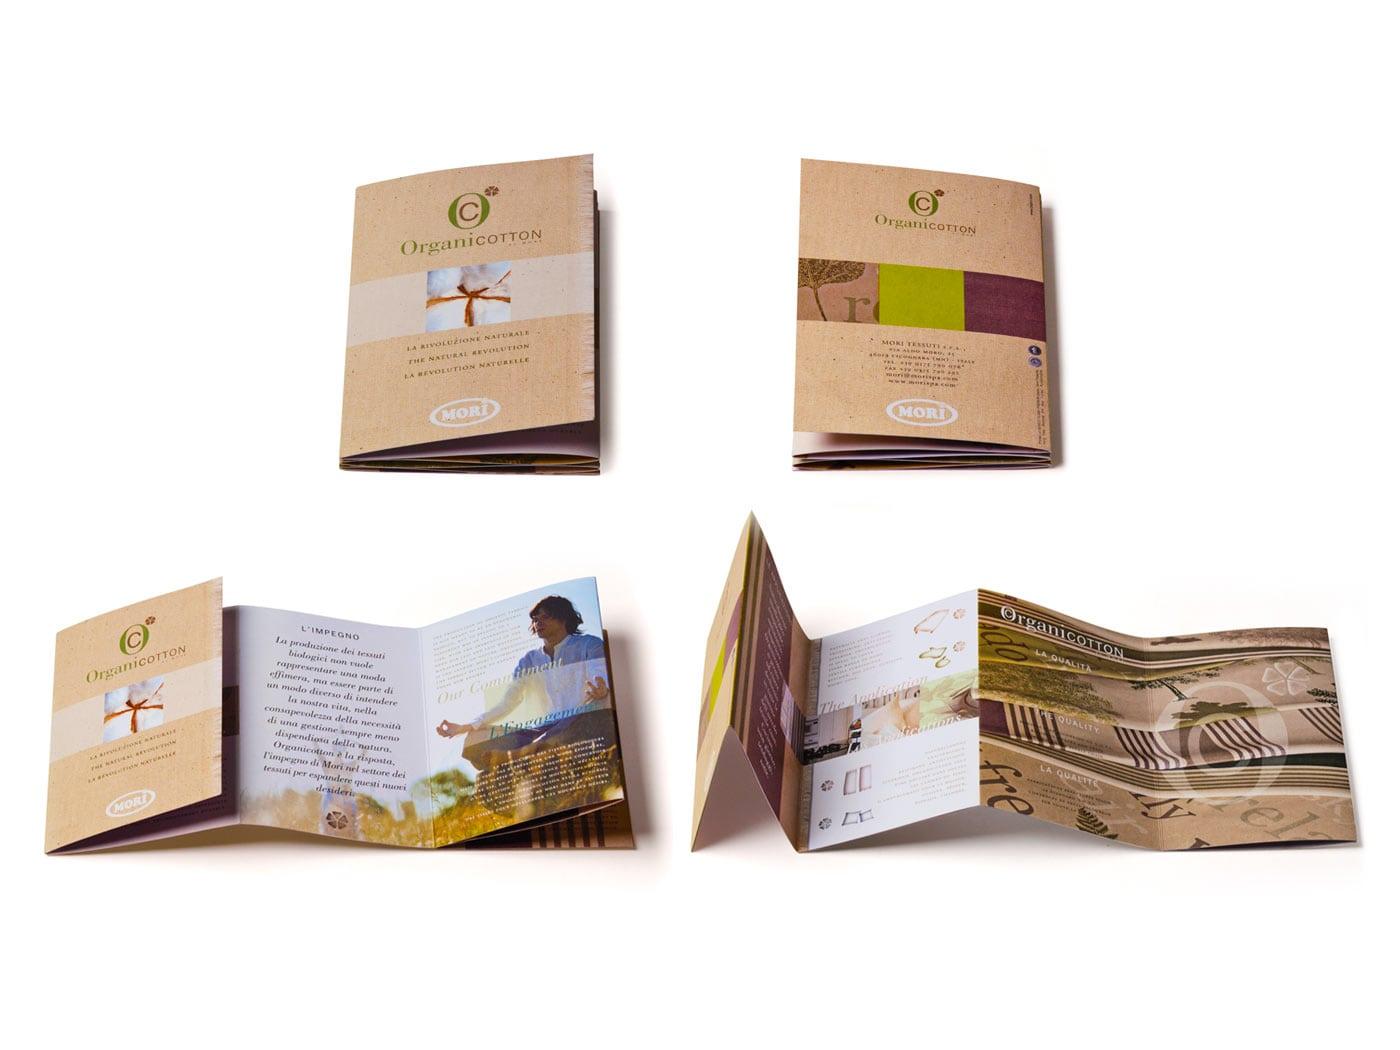 Badini Creative Studio - cataloghi - Mori - Organicotton